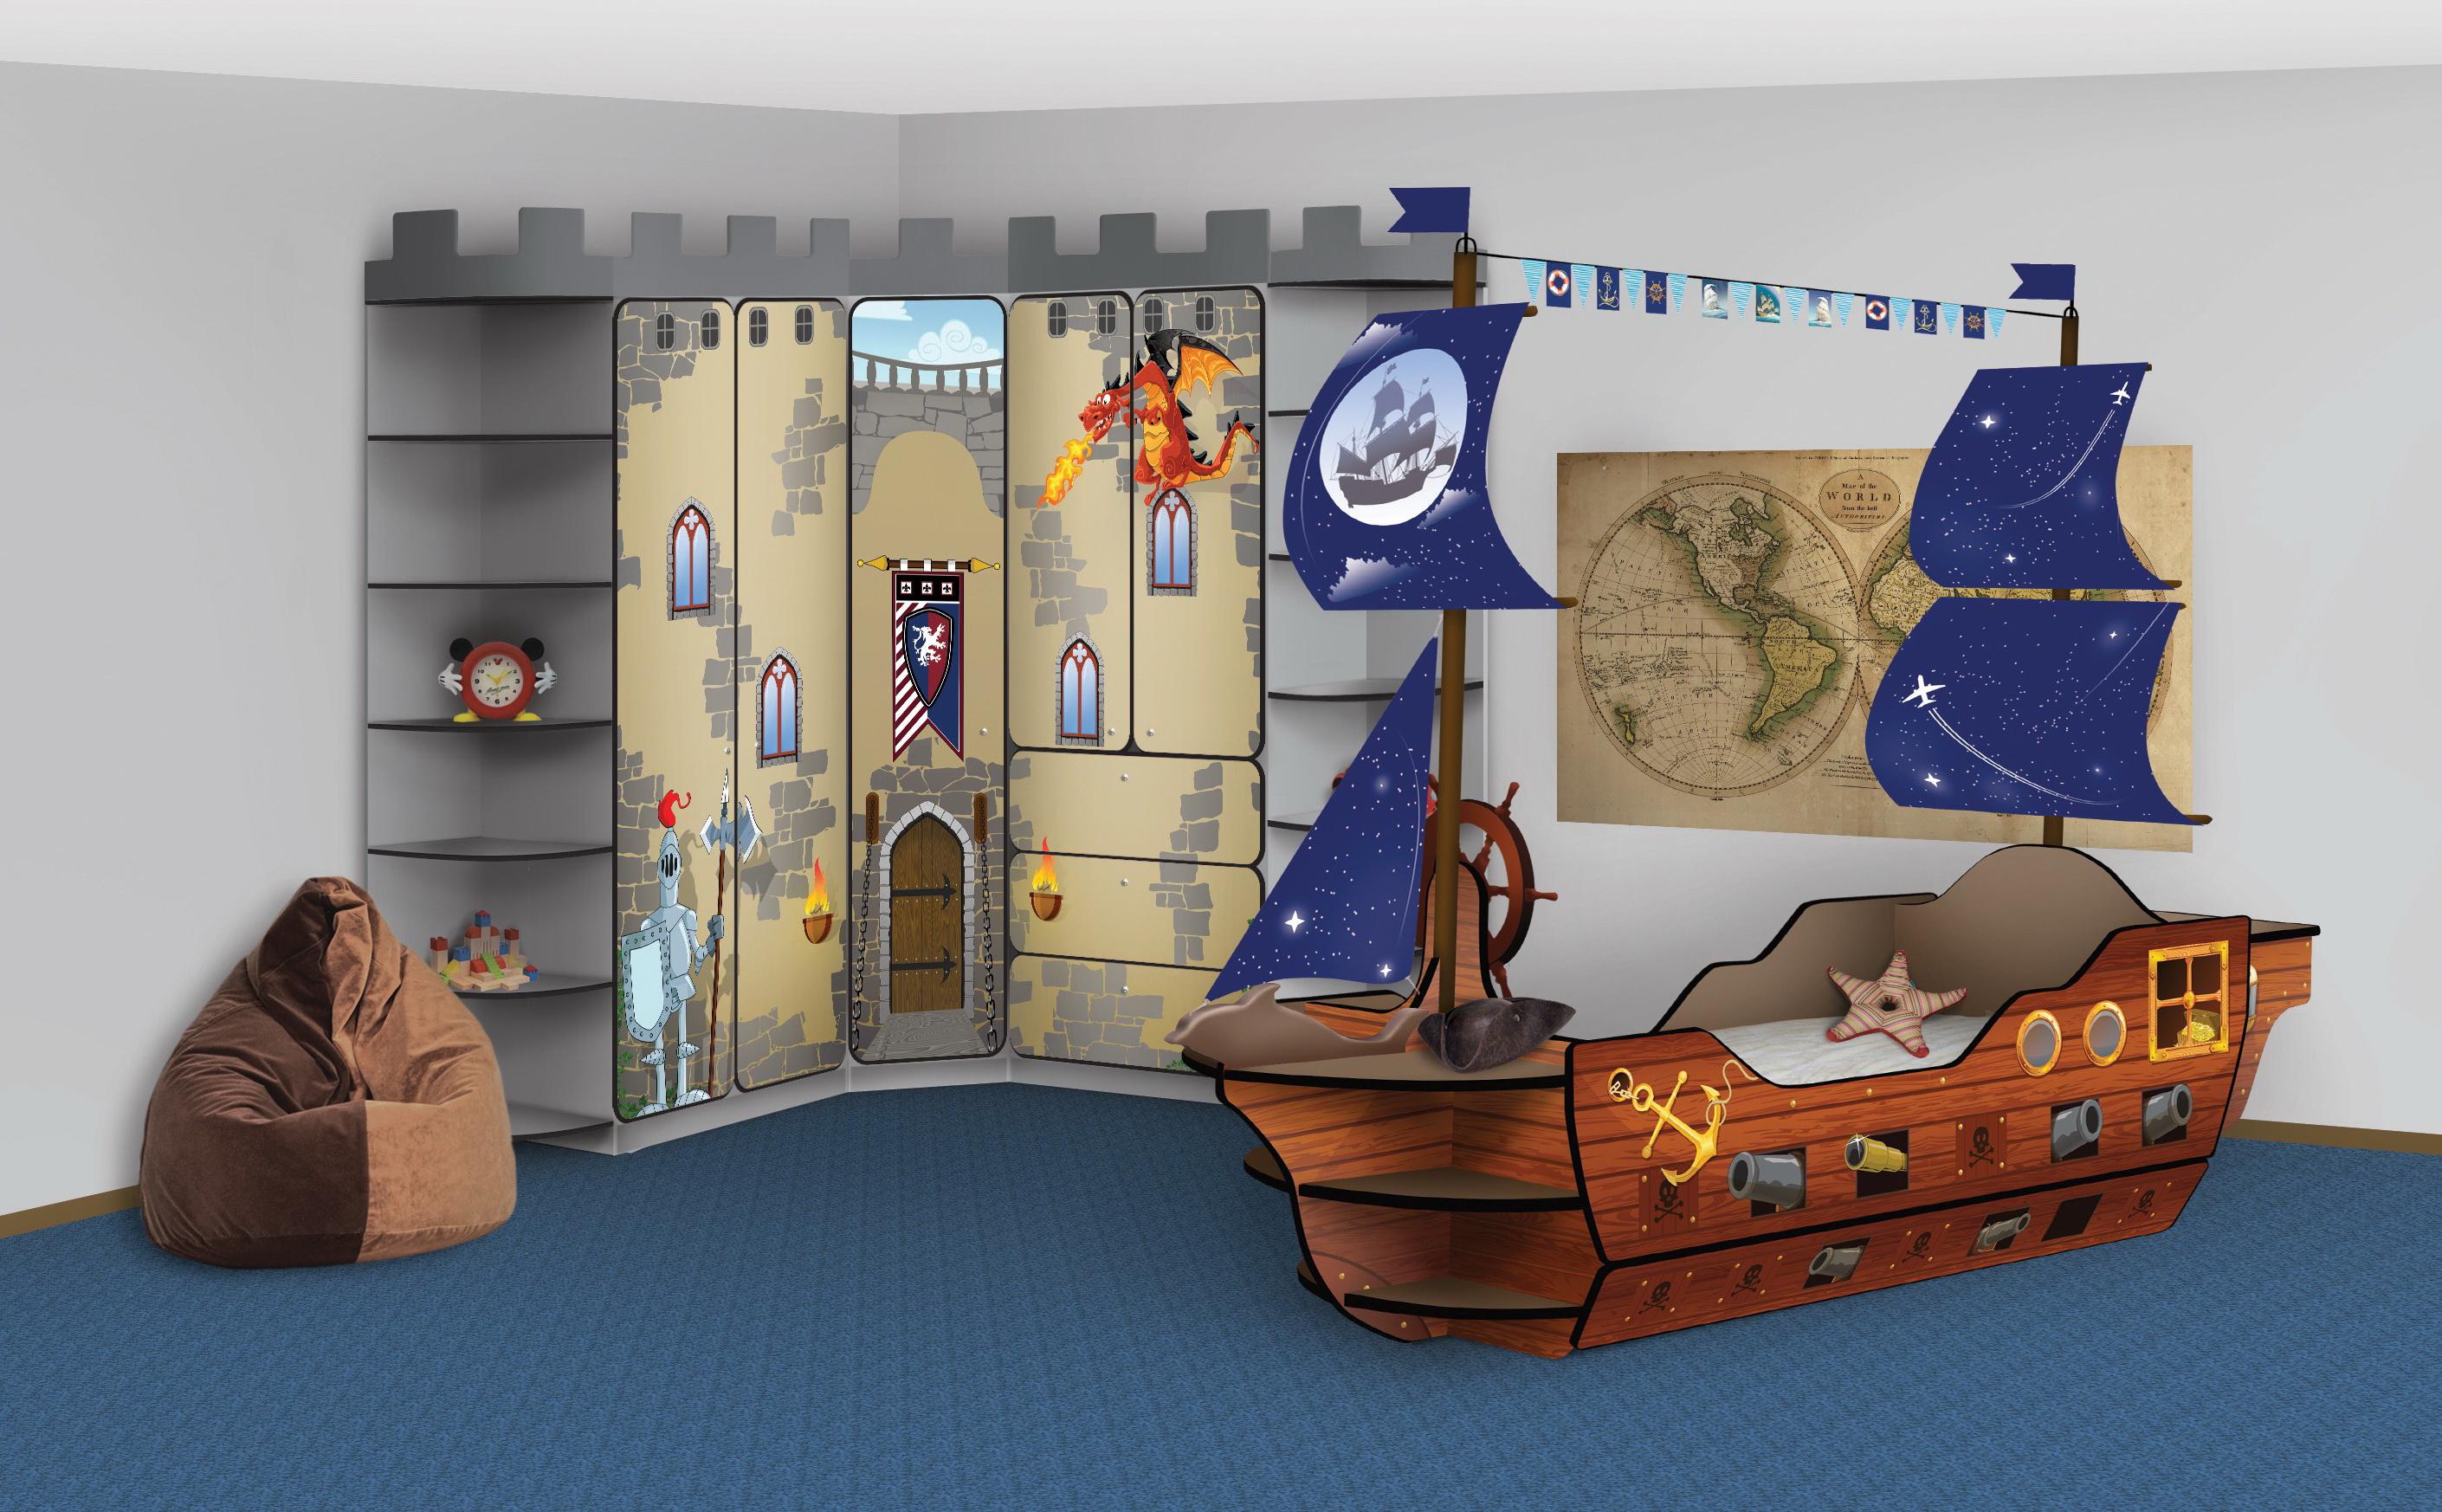 Сбор заказов. Все для уютной детской. Креативная детская мебель эконом и премиум класса. Мягкая и корпусная мебель. Шкафы от 5200, кровати от 3200. От 0 и до 16- ти. Аксессуары 16.